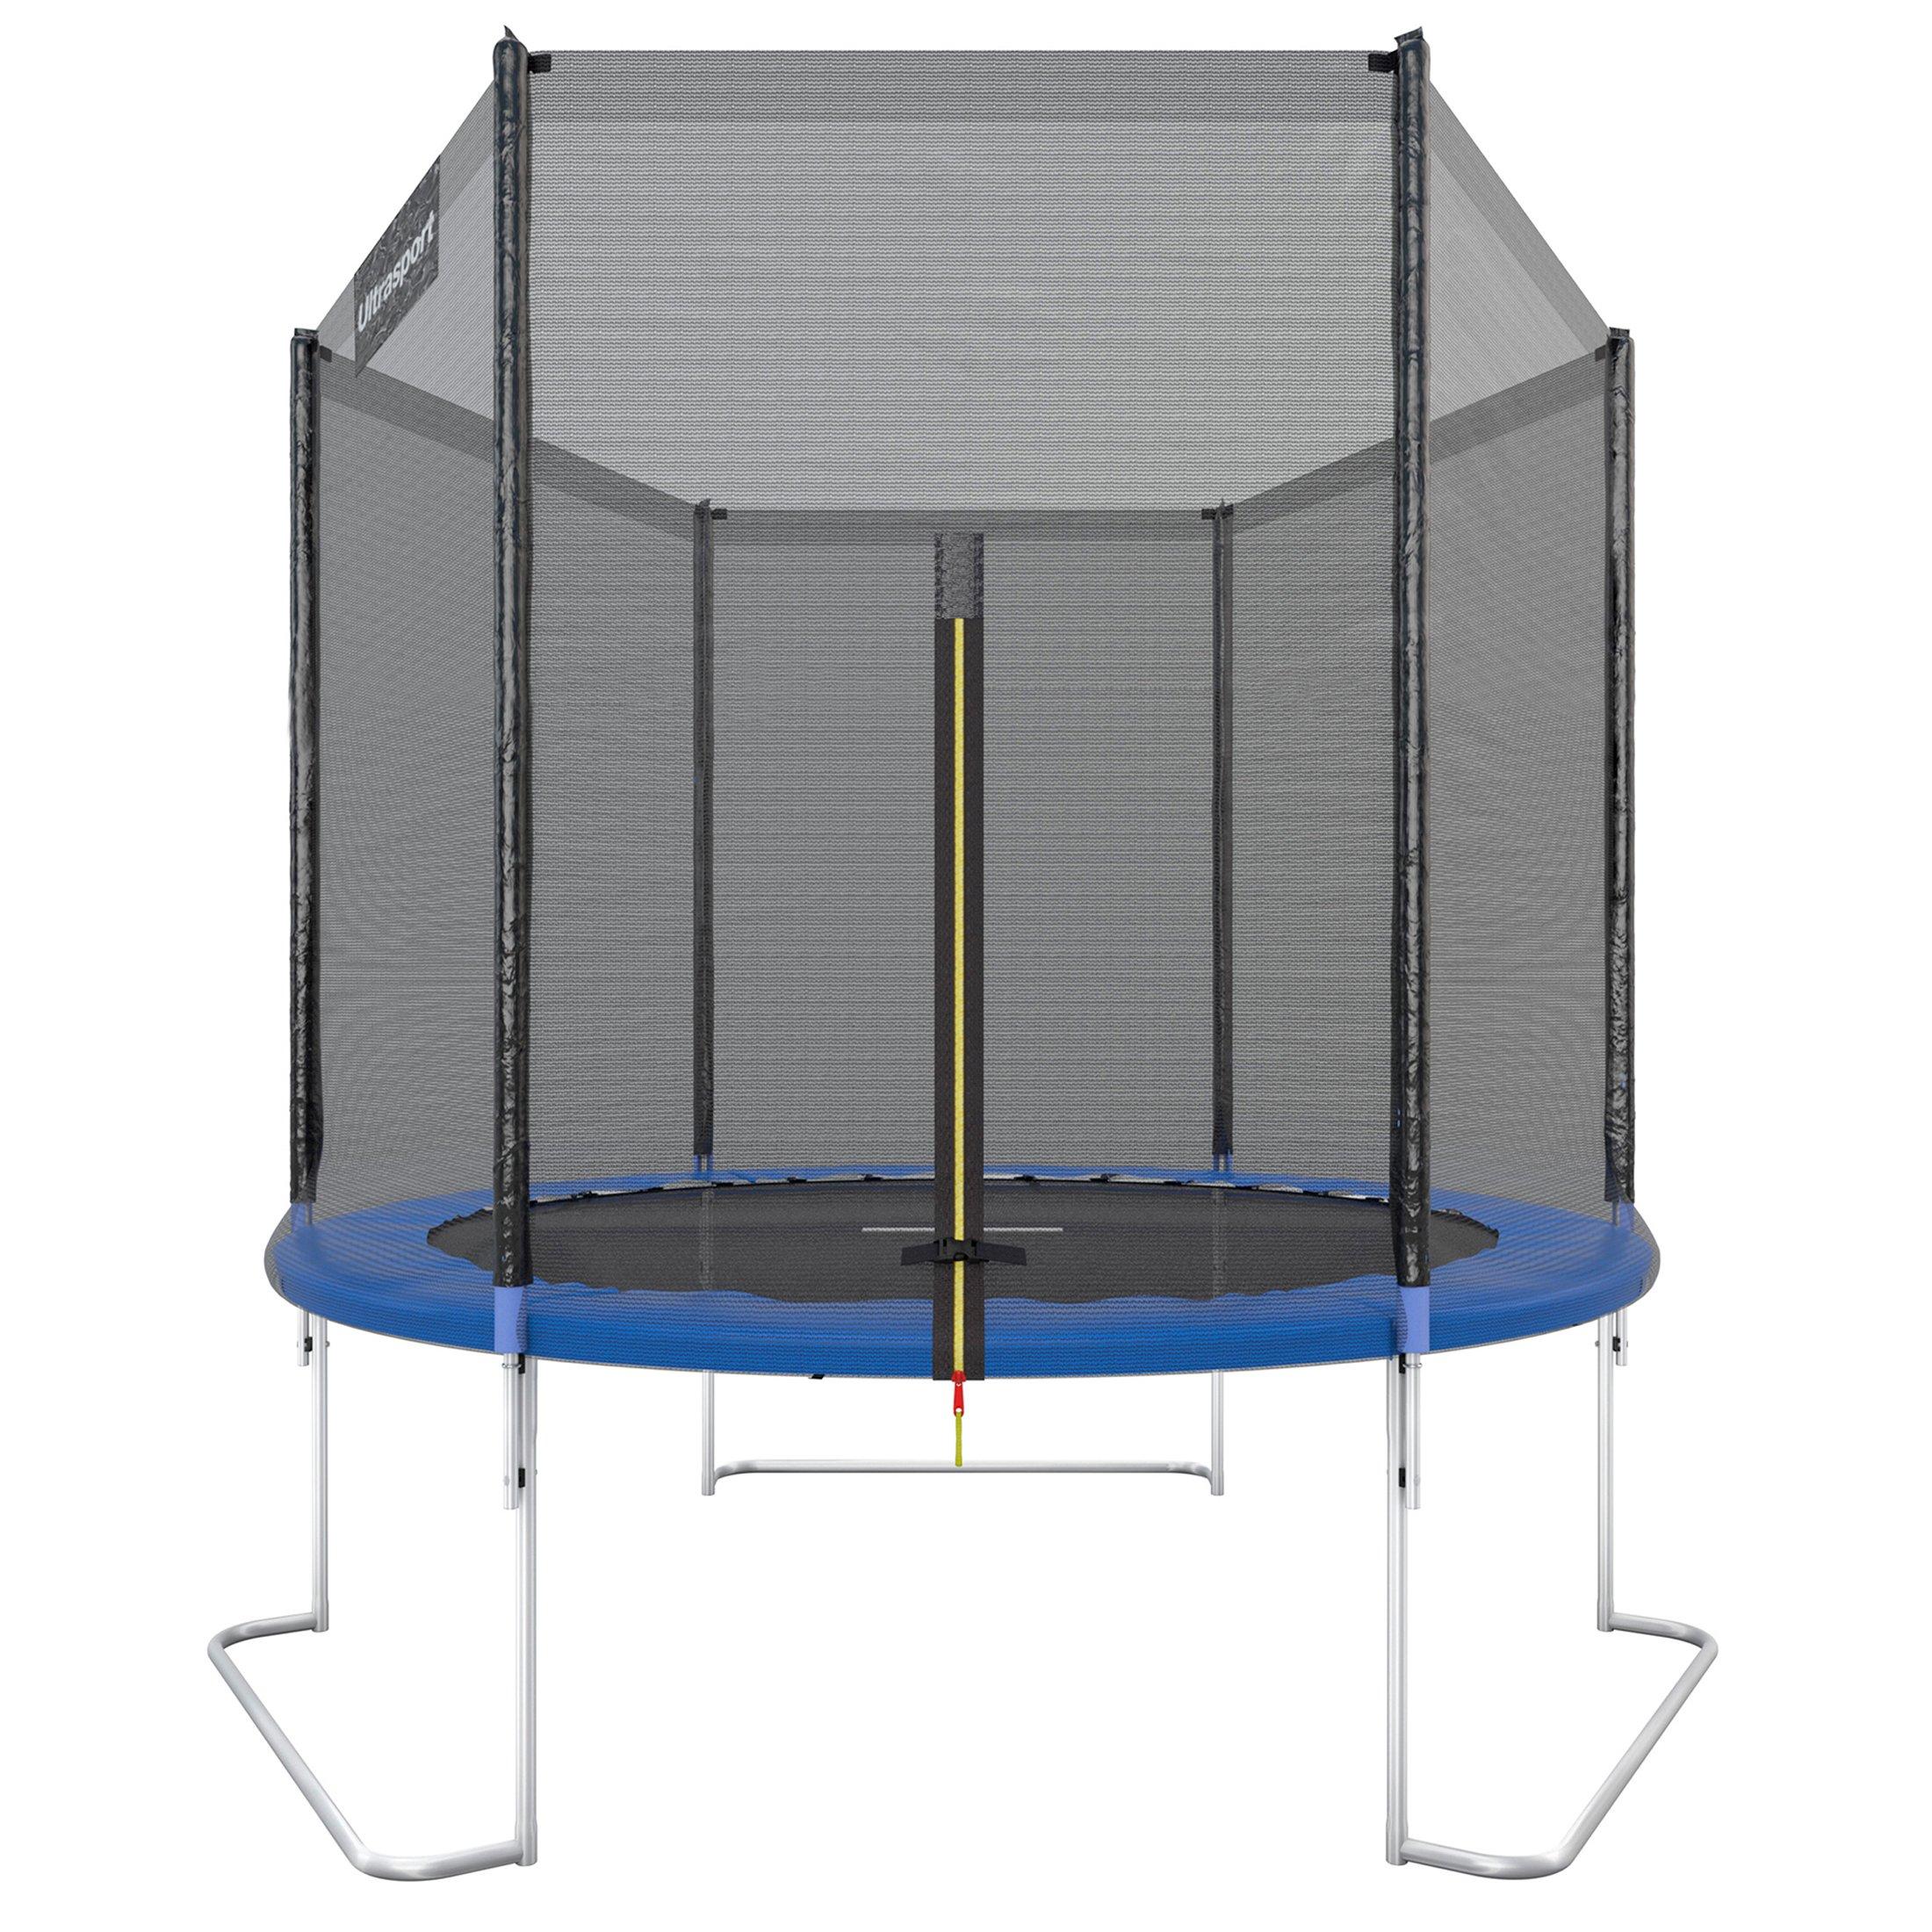 c68745d2ee257f Ultrasport Trampolino da Giardino Jumper, Set Trampolino per Il Salto  Inclusi Tappeto Elastico, Rete